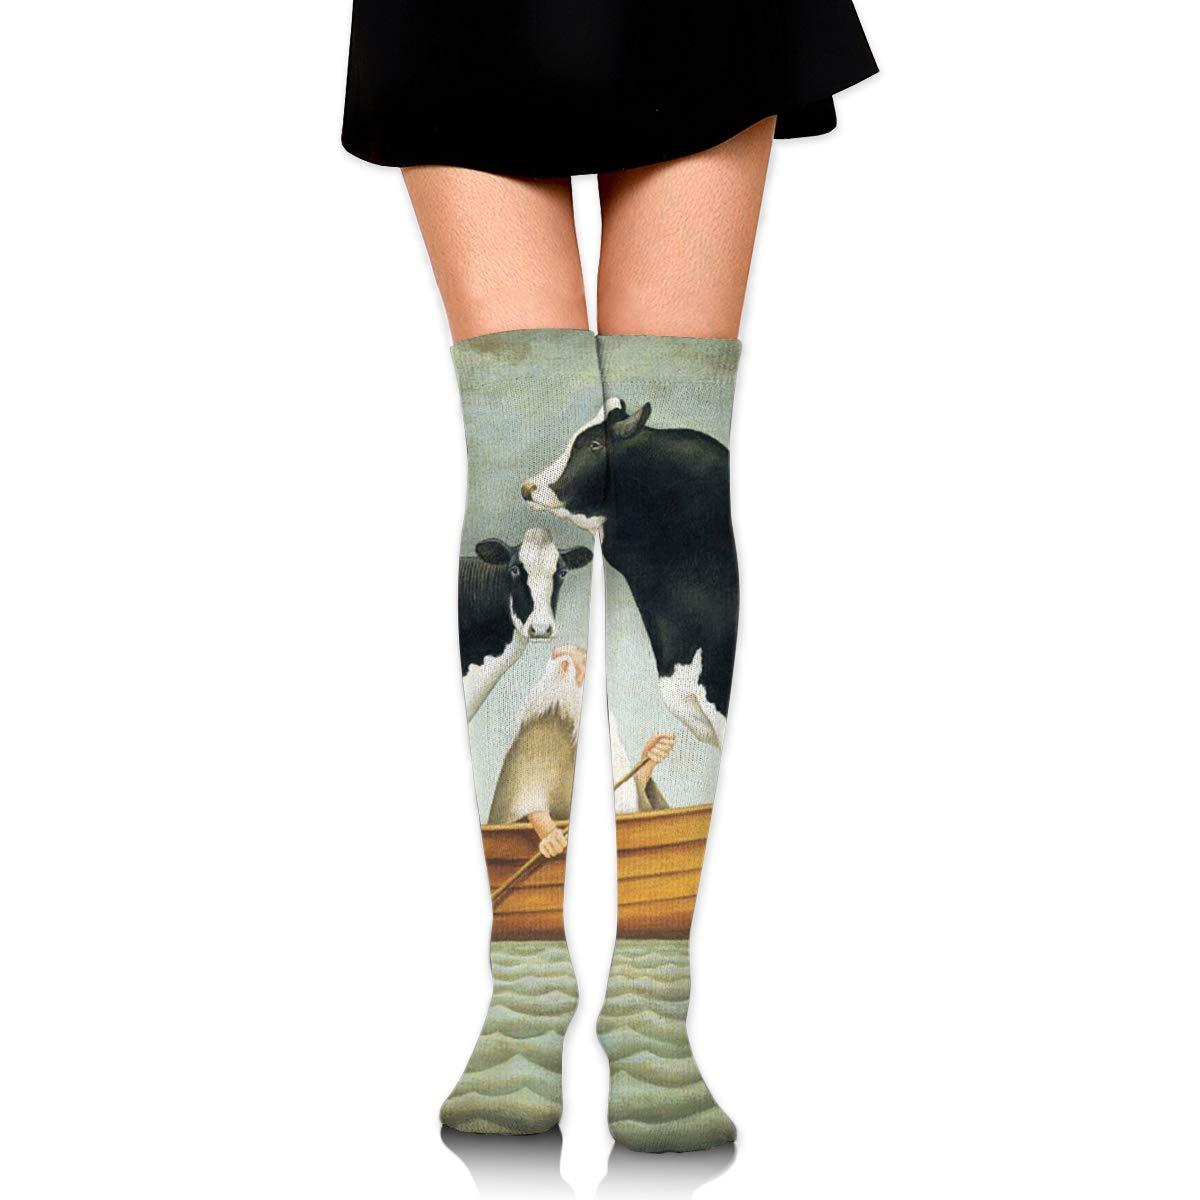 High Elasticity Girl Cotton Knee High Socks Uniform Boat Cow Cattle Women Tube Socks